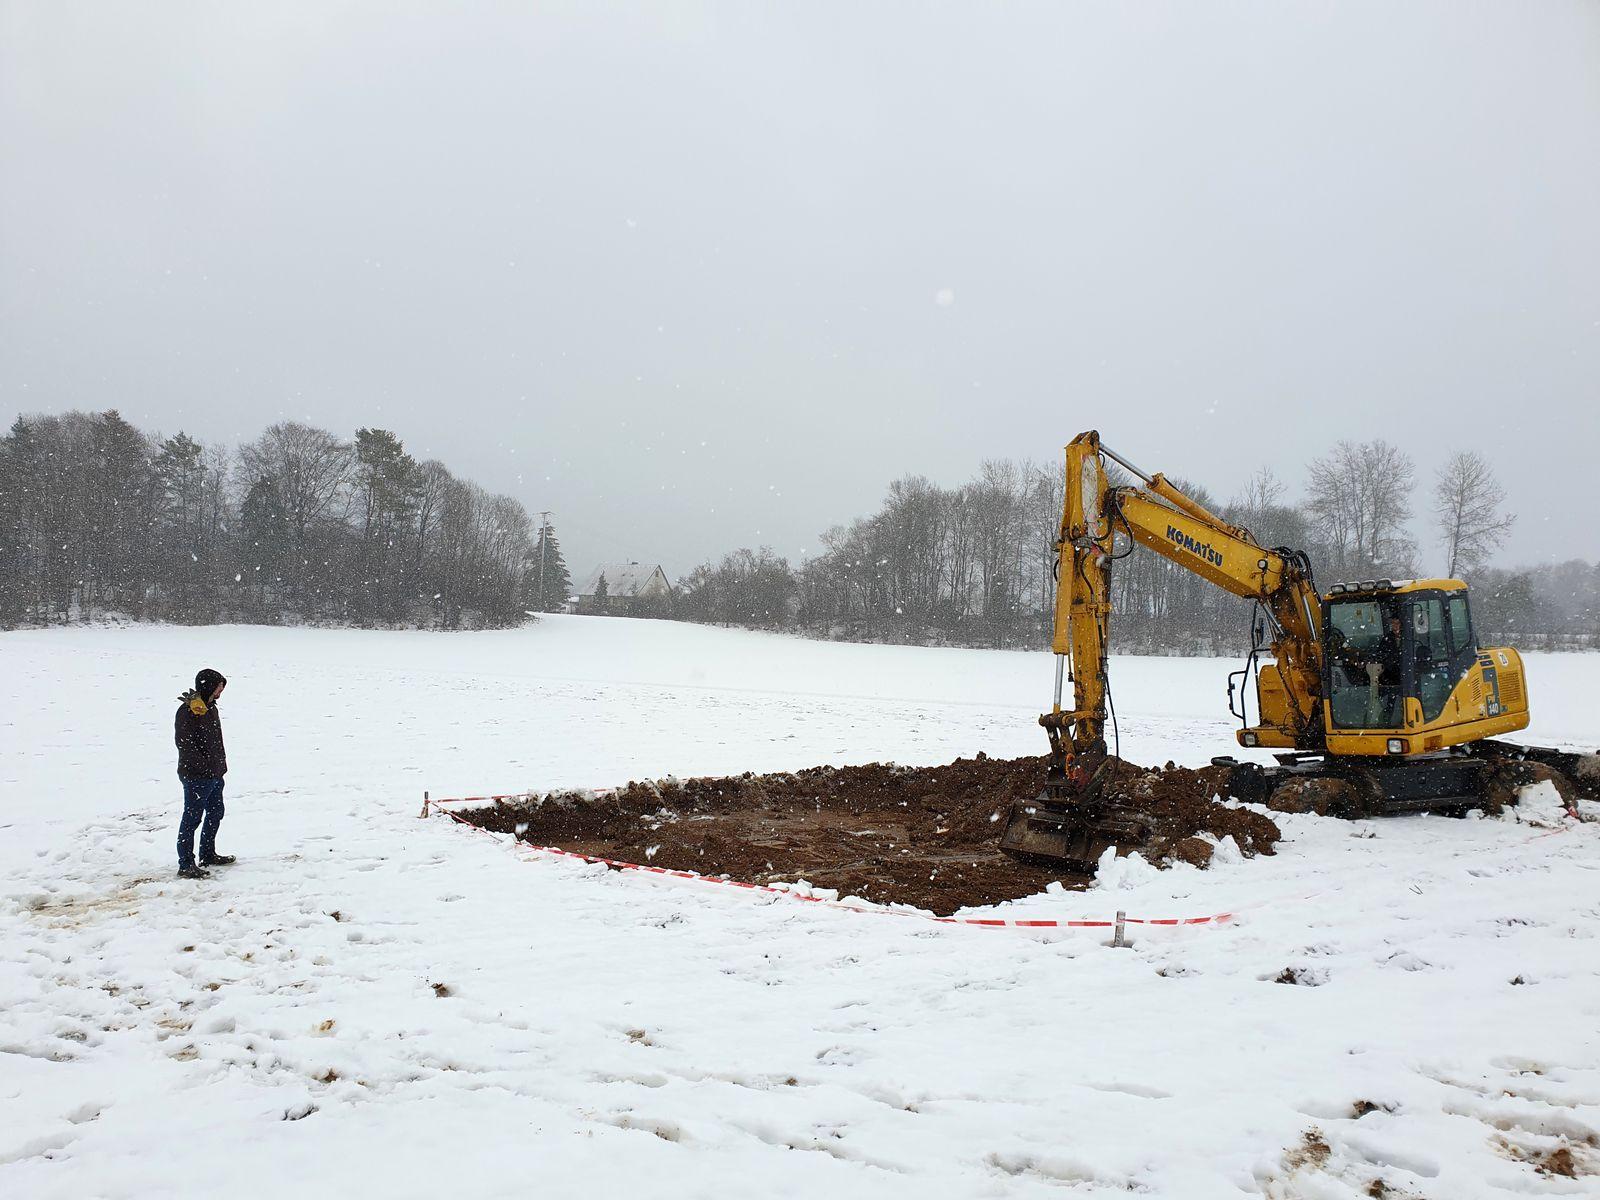 Grabungsleiter M. Rodens überwacht die Freilegung des im letzten Sommer konservierten Hügels 4.